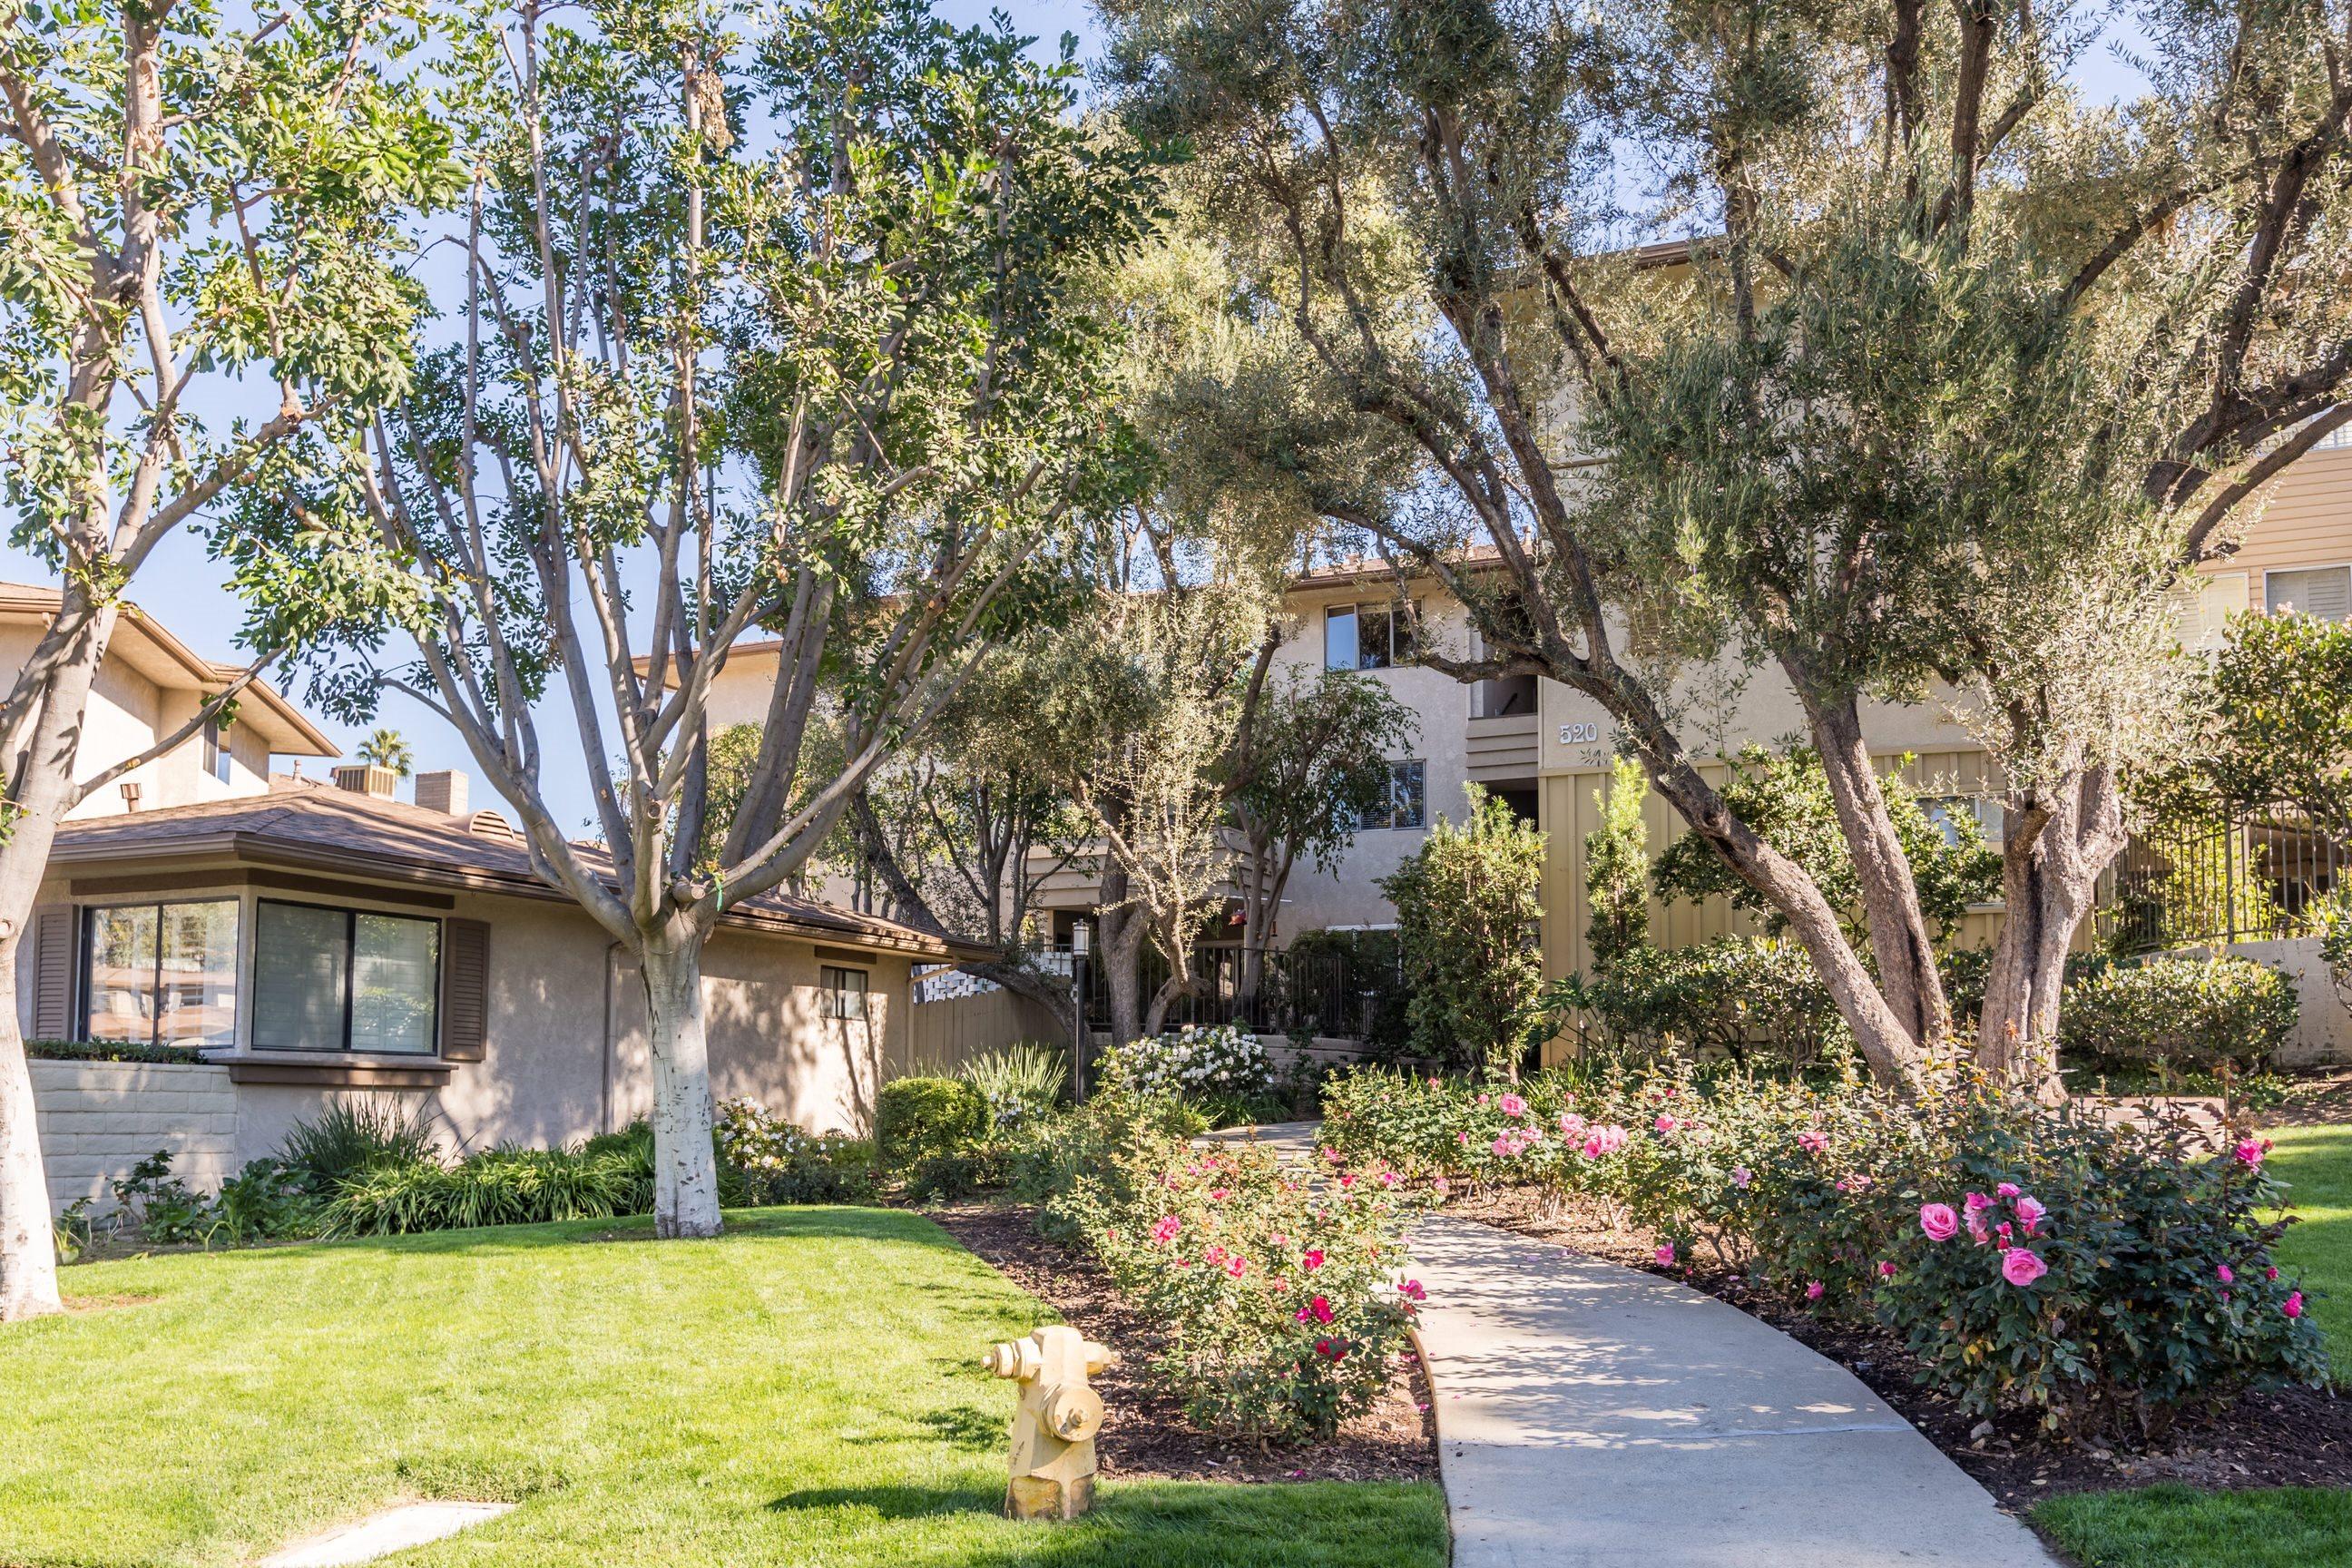 Orange Grove Circle Apartments in Pasadena, CA